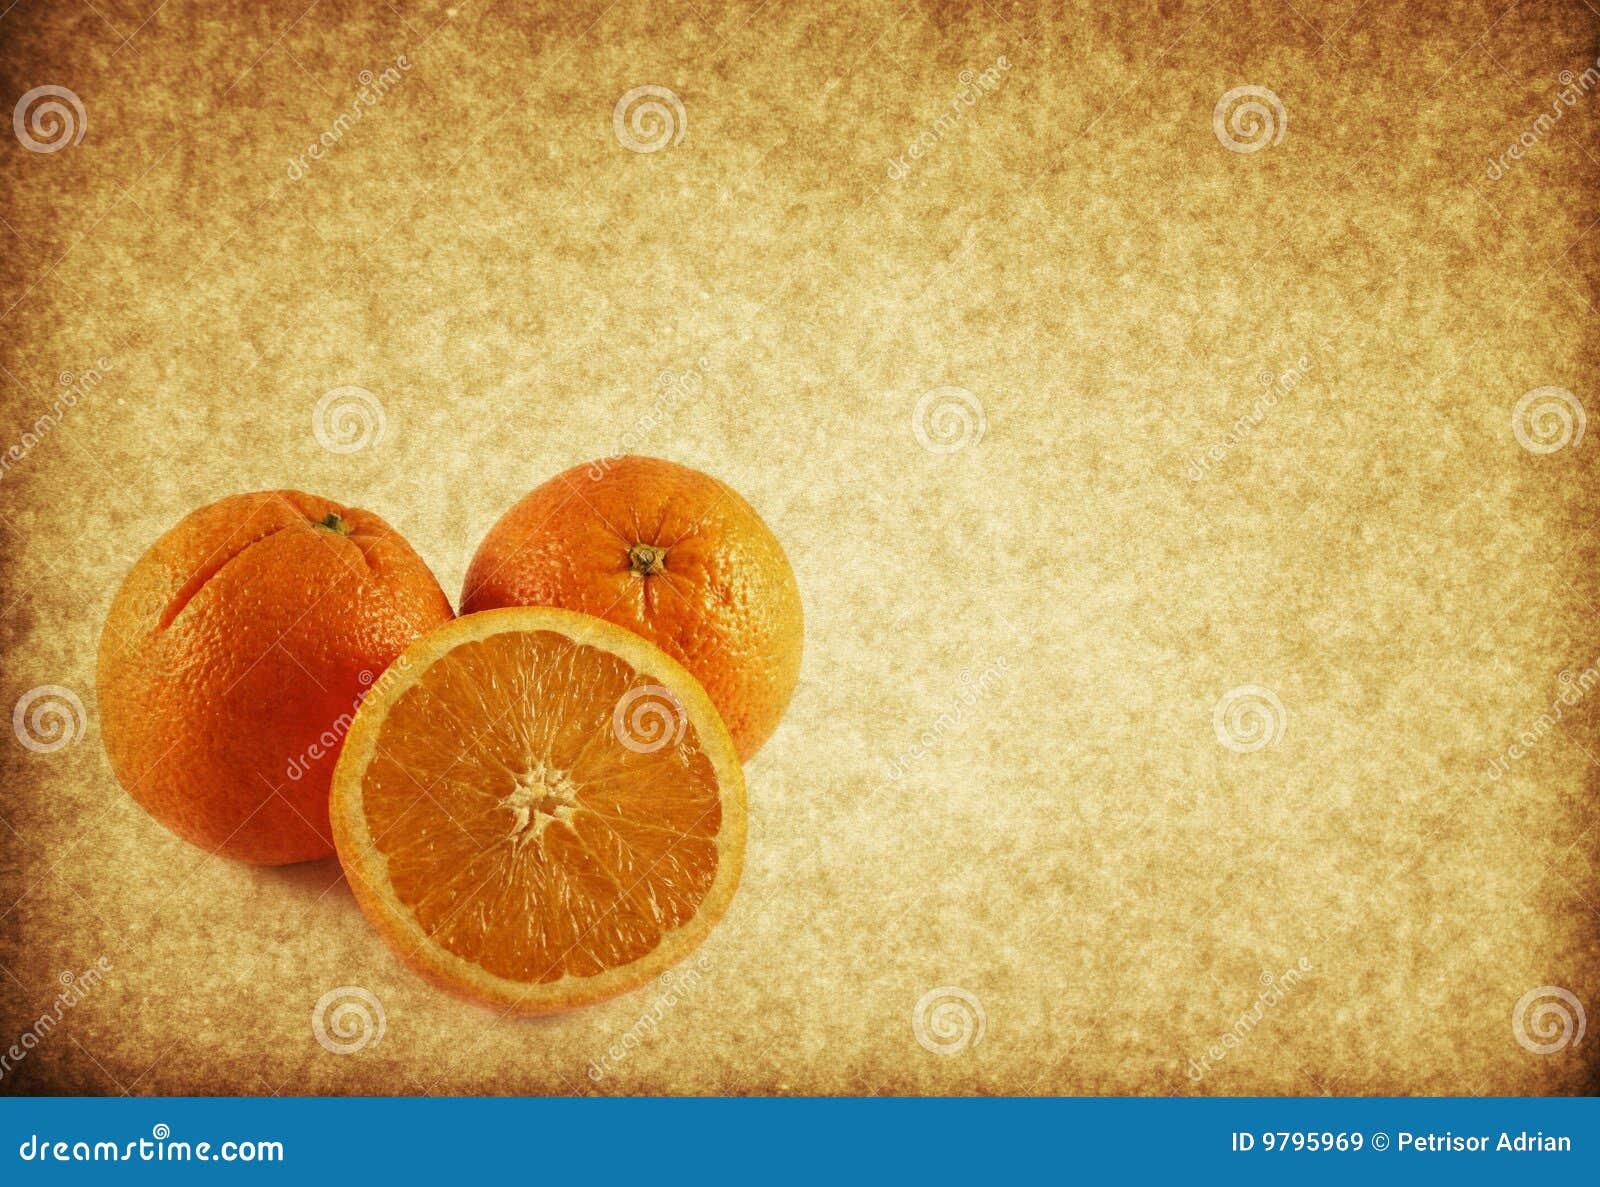 orange background free stock - photo #36